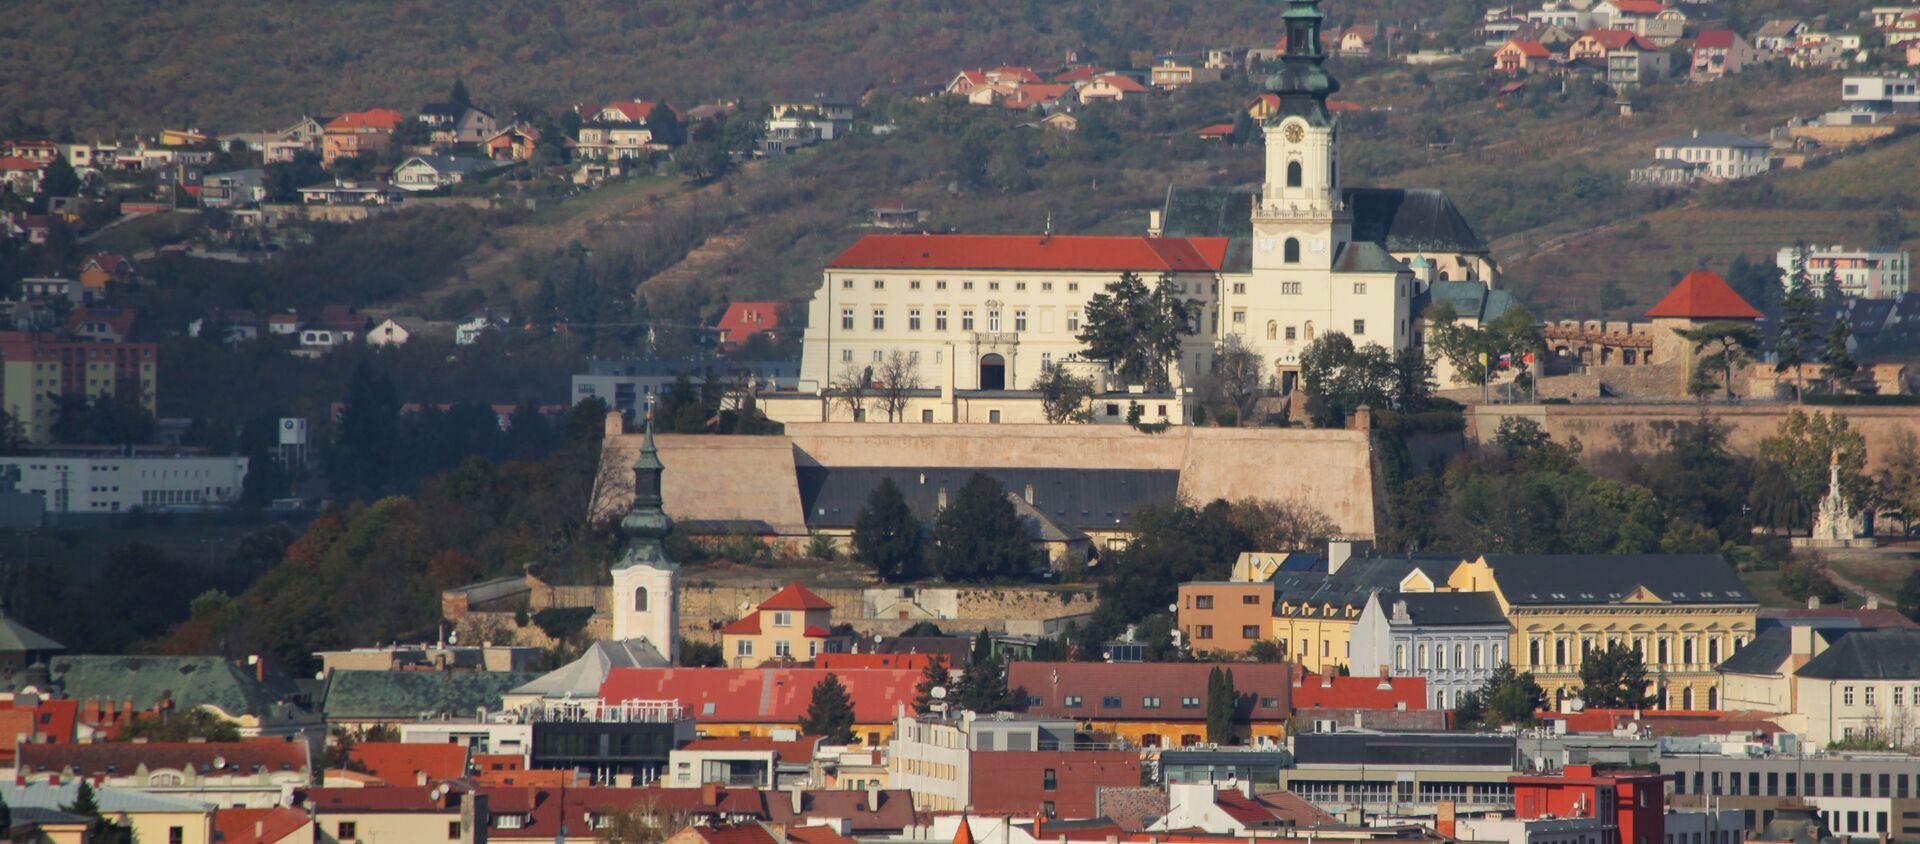 Slovenská Nitra. Ilustrační foto - Sputnik Česká republika, 1920, 11.02.2021